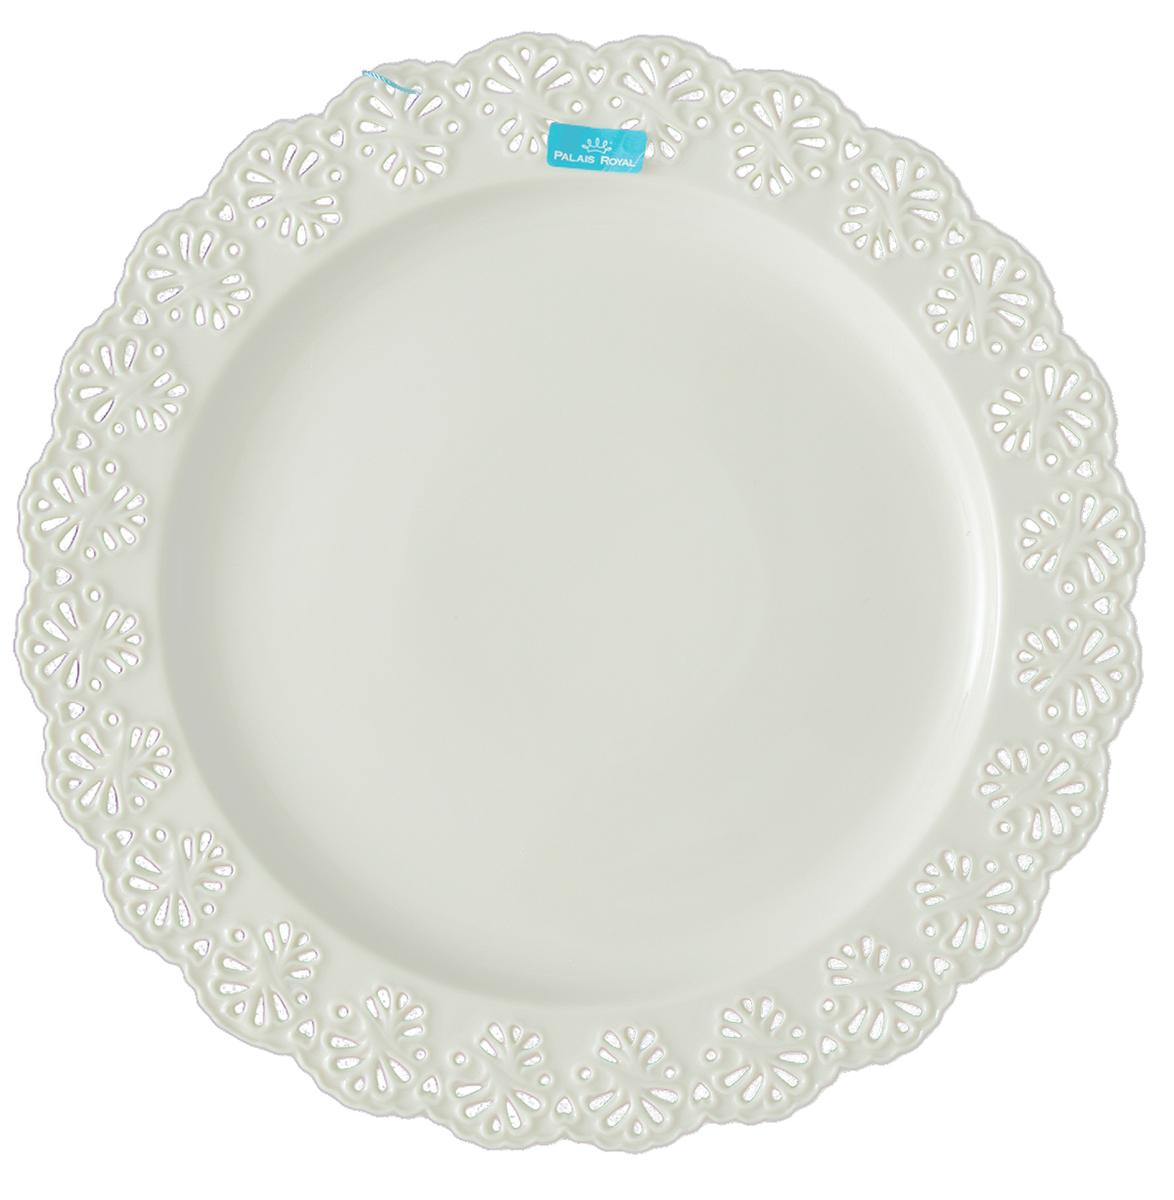 Блюдо Lamart Кружева, диаметр 30 см133232Очень приятно садиться за стол, который манит не только вкусными угощениями, но и безукоризненной чистотой скатерти, изящными приборами и, конечно же, элегантными тарелками. Блюдо ручной работы Кружева станет настоящим украшением обеденного стола благодаря своему эффектному внешнему виду: орнамент, обрамляющий его, действительно кажется кружевным, так тонко и изящно он сделан. Изготовленное из ценного костяного фарфора, это блюдо, как и любое изделие итальянской марки Lamart, отличается превосходным качеством. Оно станет прекрасным подарком хозяйке дома, ценящей стильные и эксклюзивные вещи.